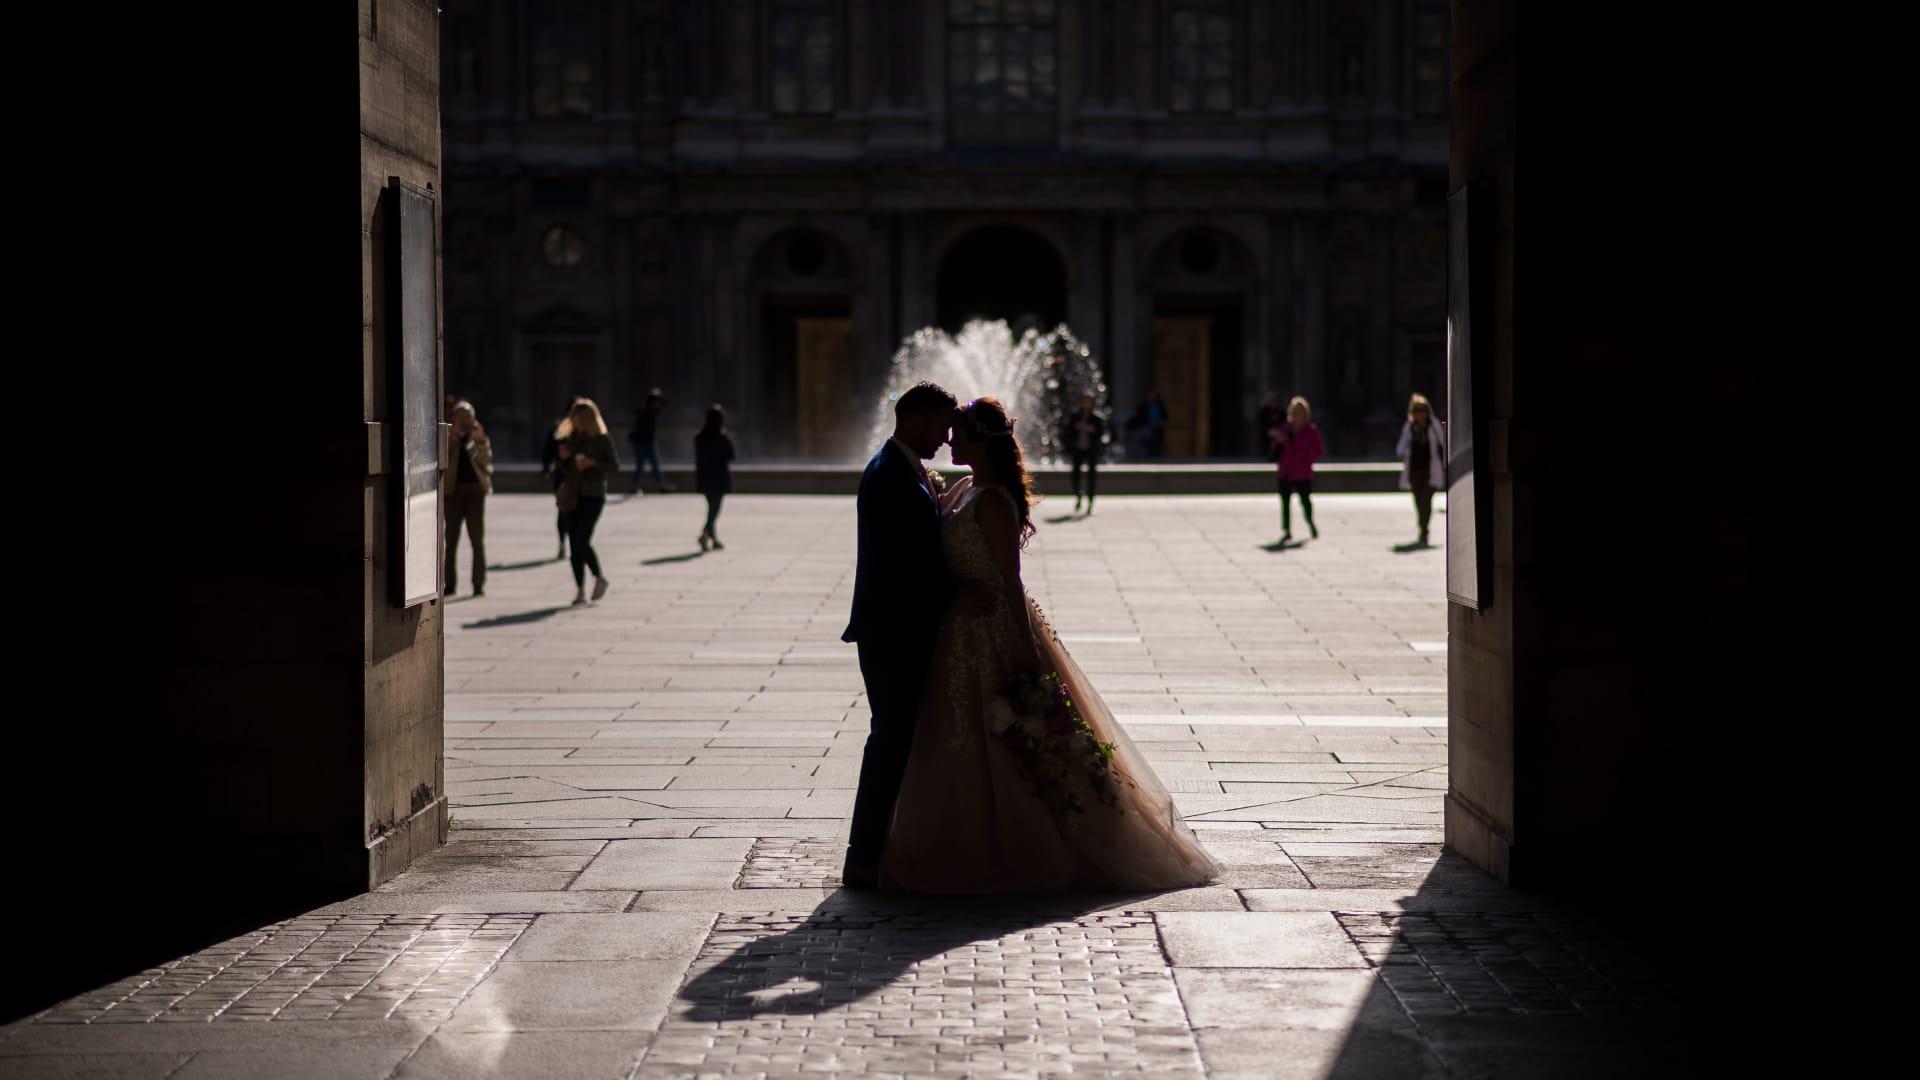 الرفض 7 مرات قبل منح القبول.. إليك بعض تقاليد الزواج بأذربيجان